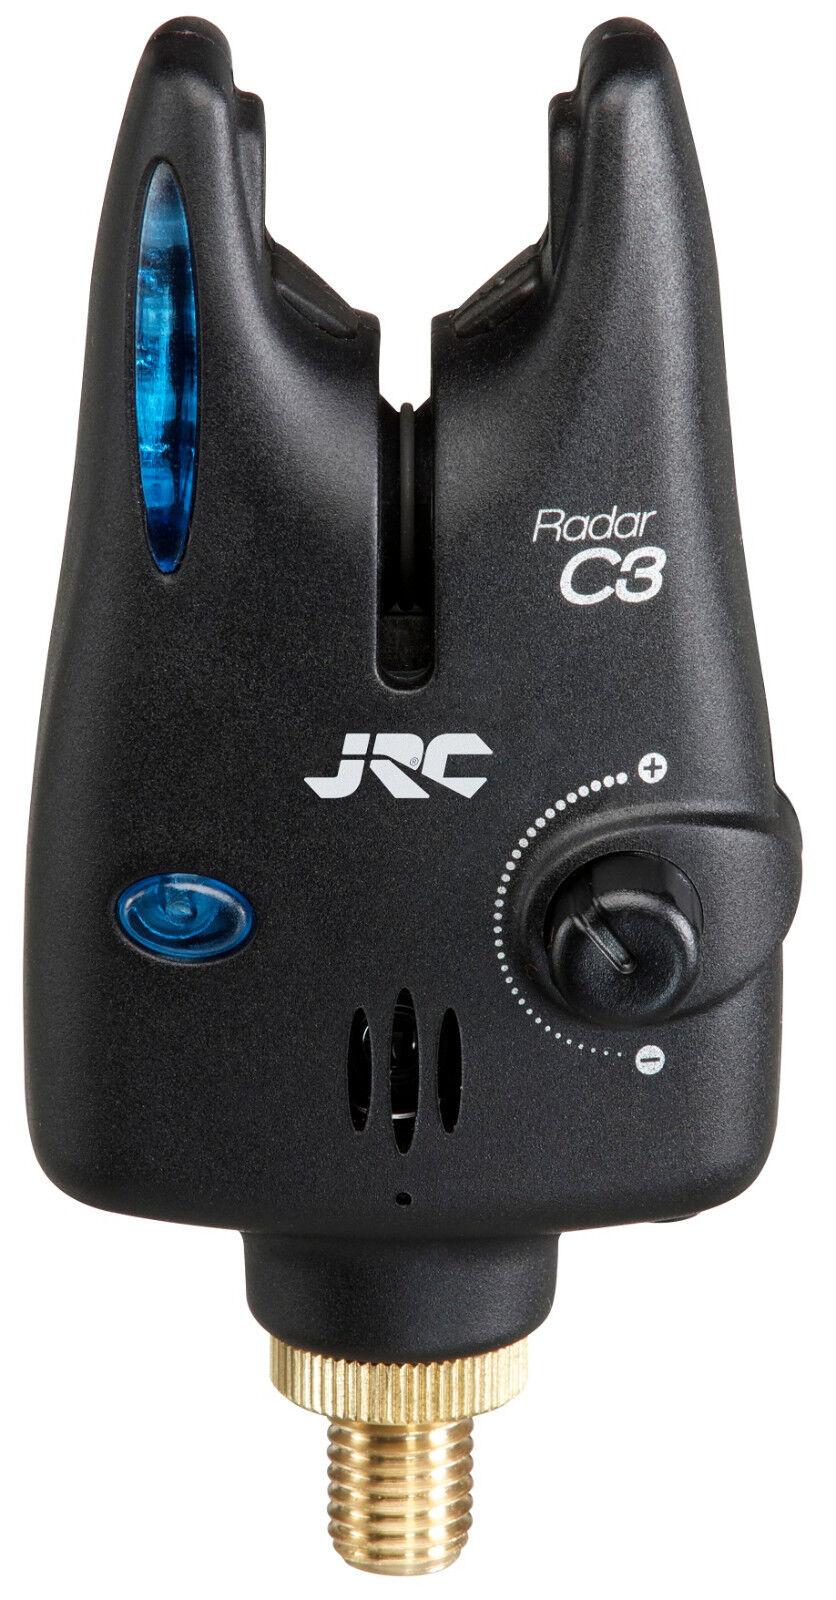 JRC radar c3 visadores de picada azul  1338026 biteindicator Bite indicator bissanzeige  grandes precios de descuento